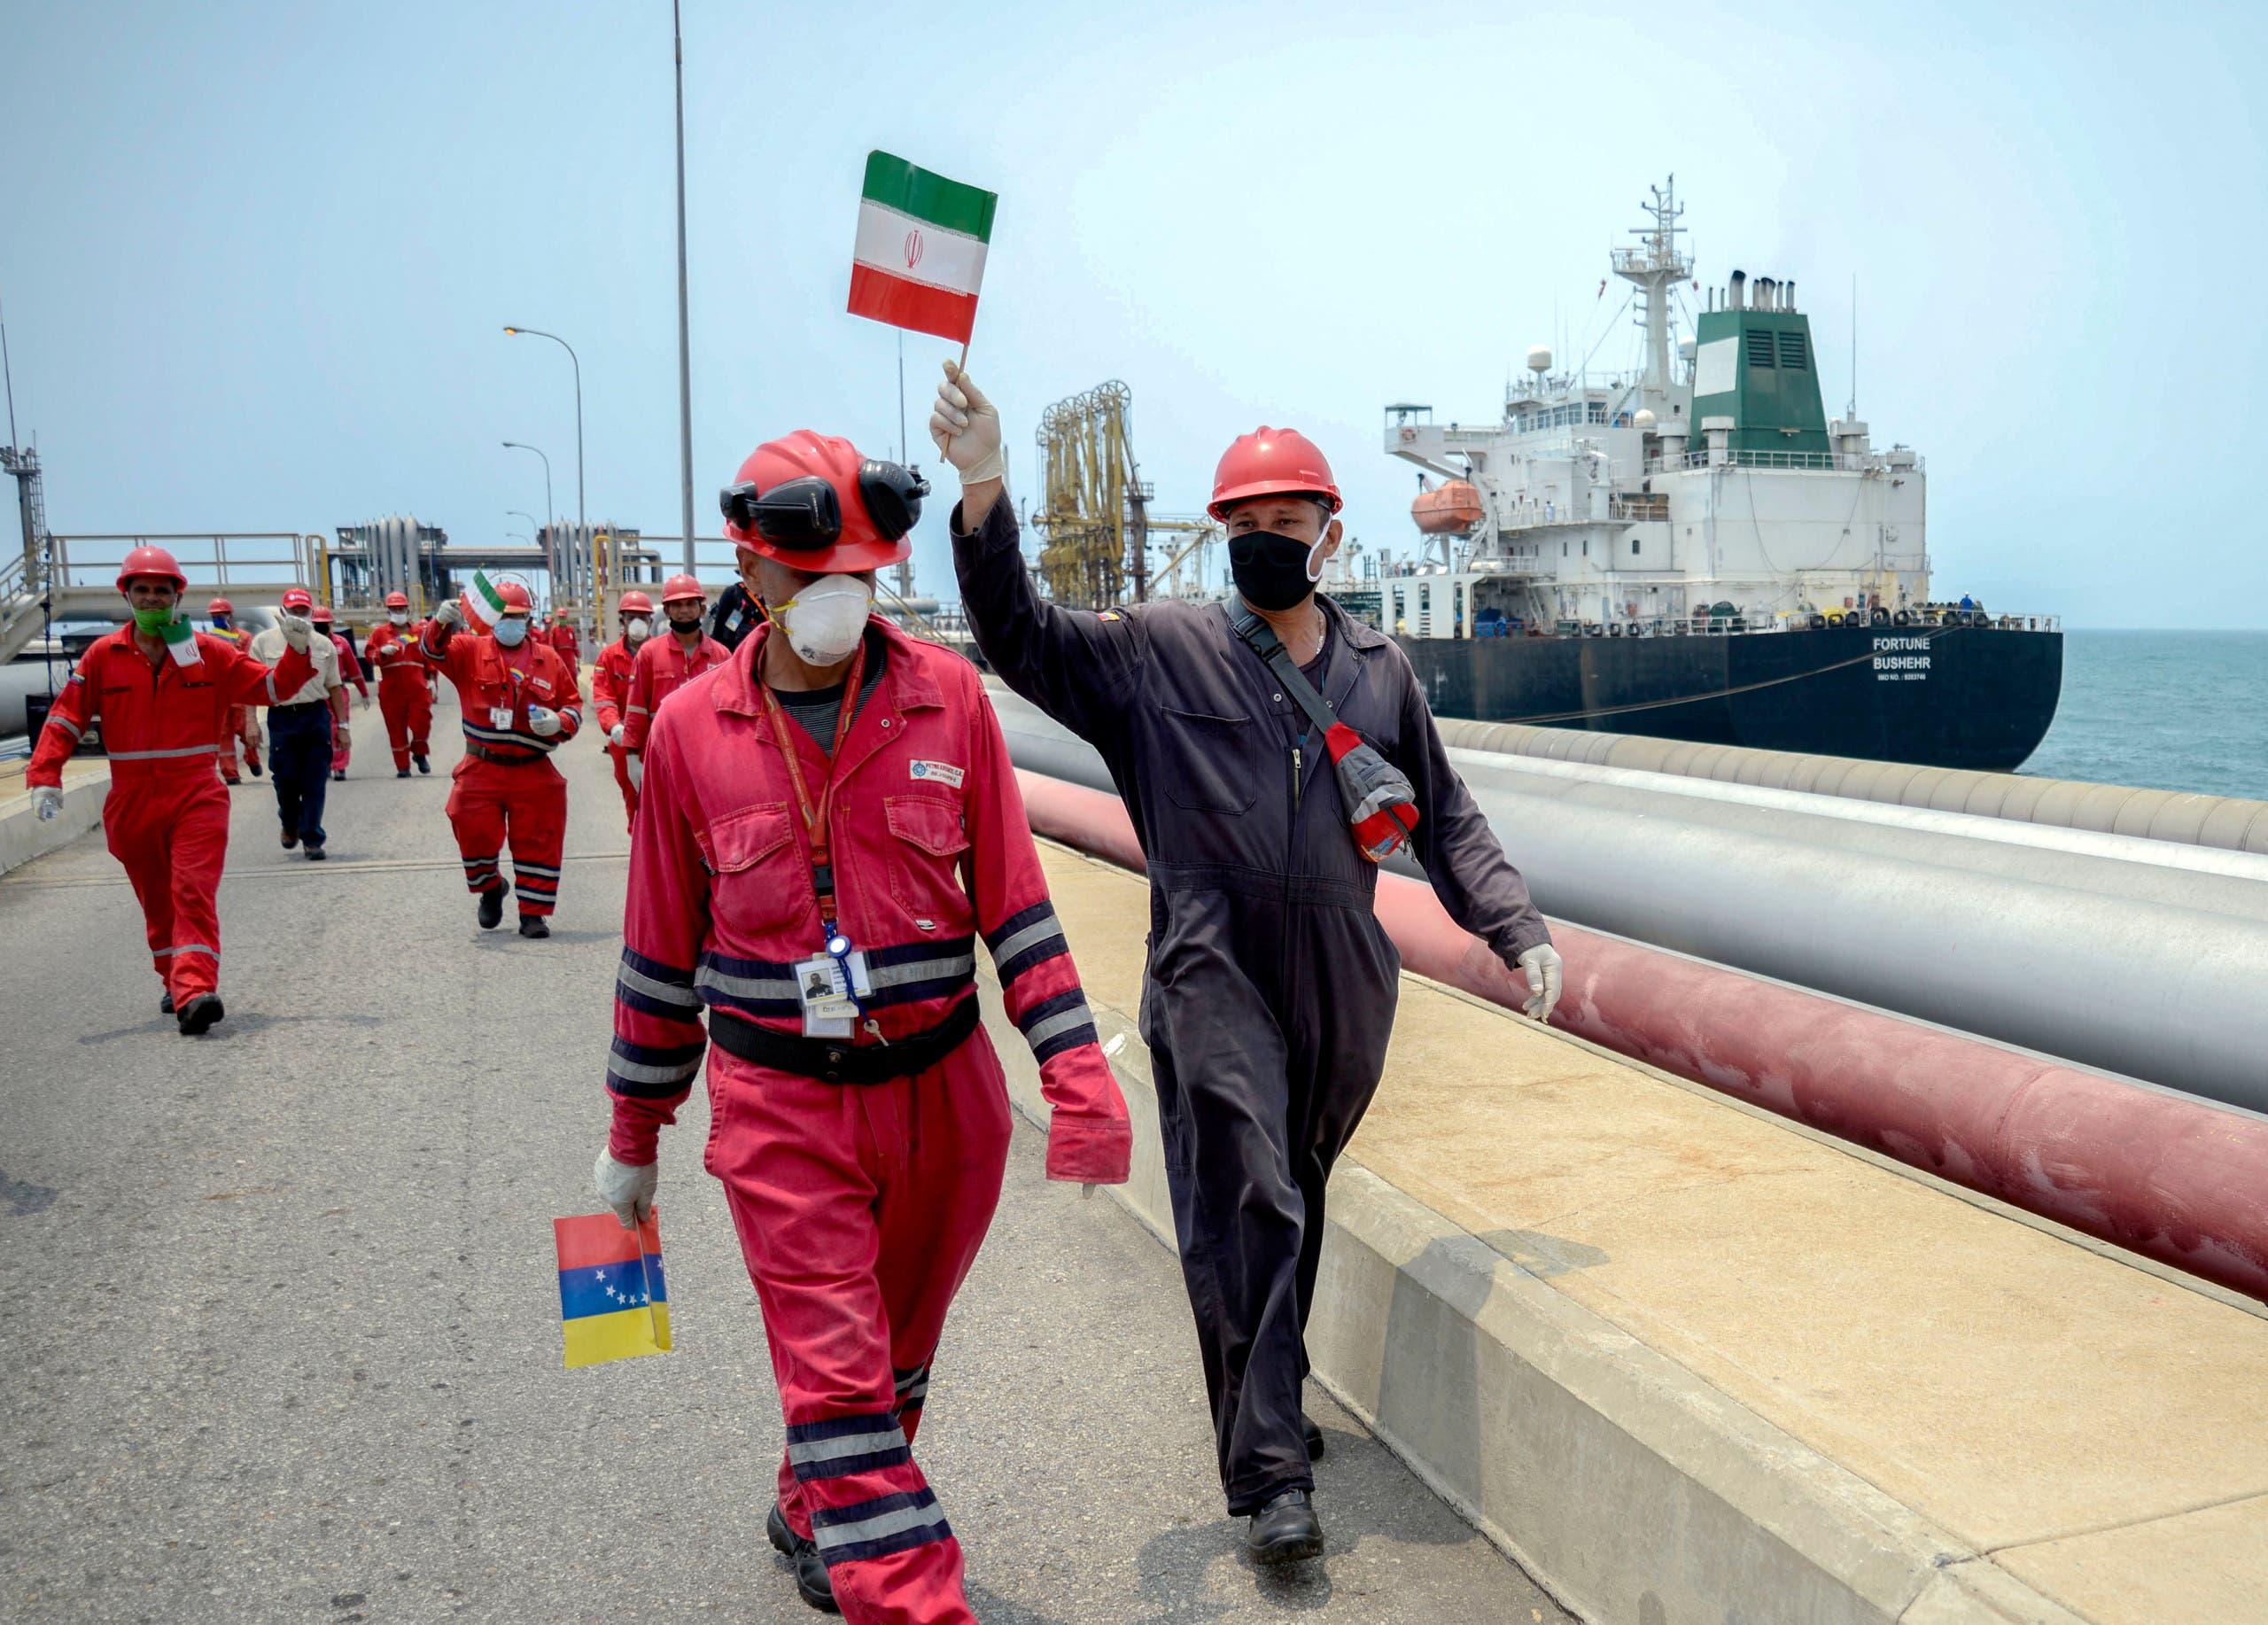 وصول سفينة إيرانية إلى فنزيولا محملة بالنفط في مايو الماضي